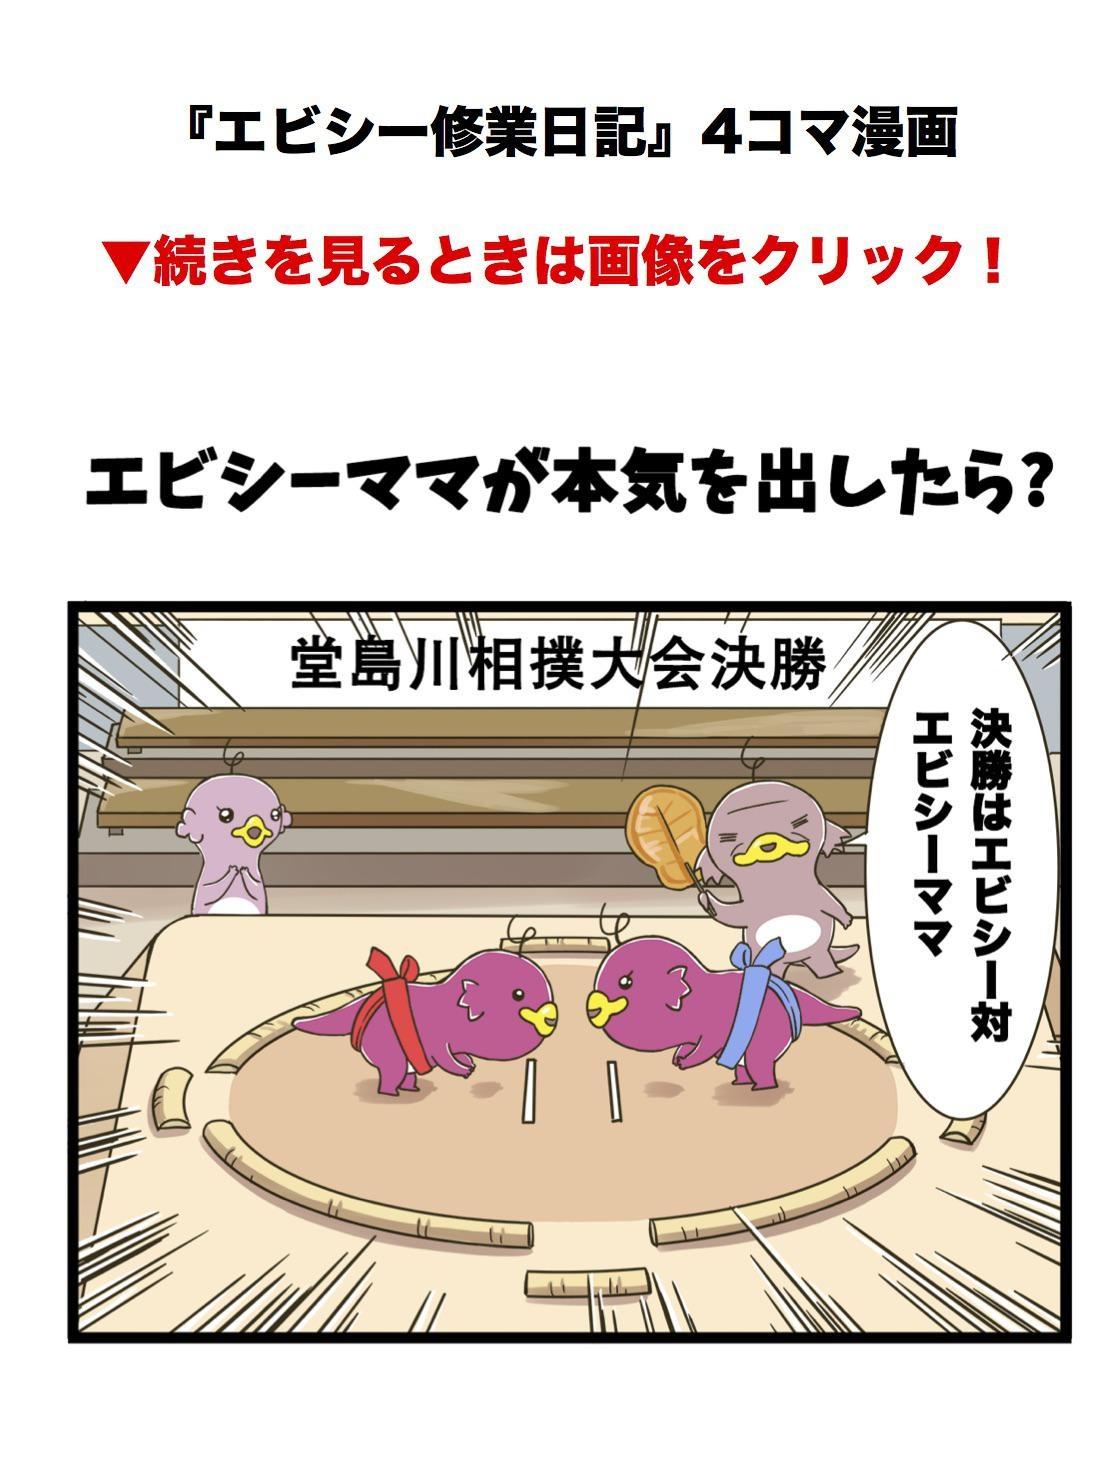 「堂島川相撲大会」の優勝をかけた、エビシー親子の戦いが始まる!/相撲編1 ©ABCIEE Anime Project